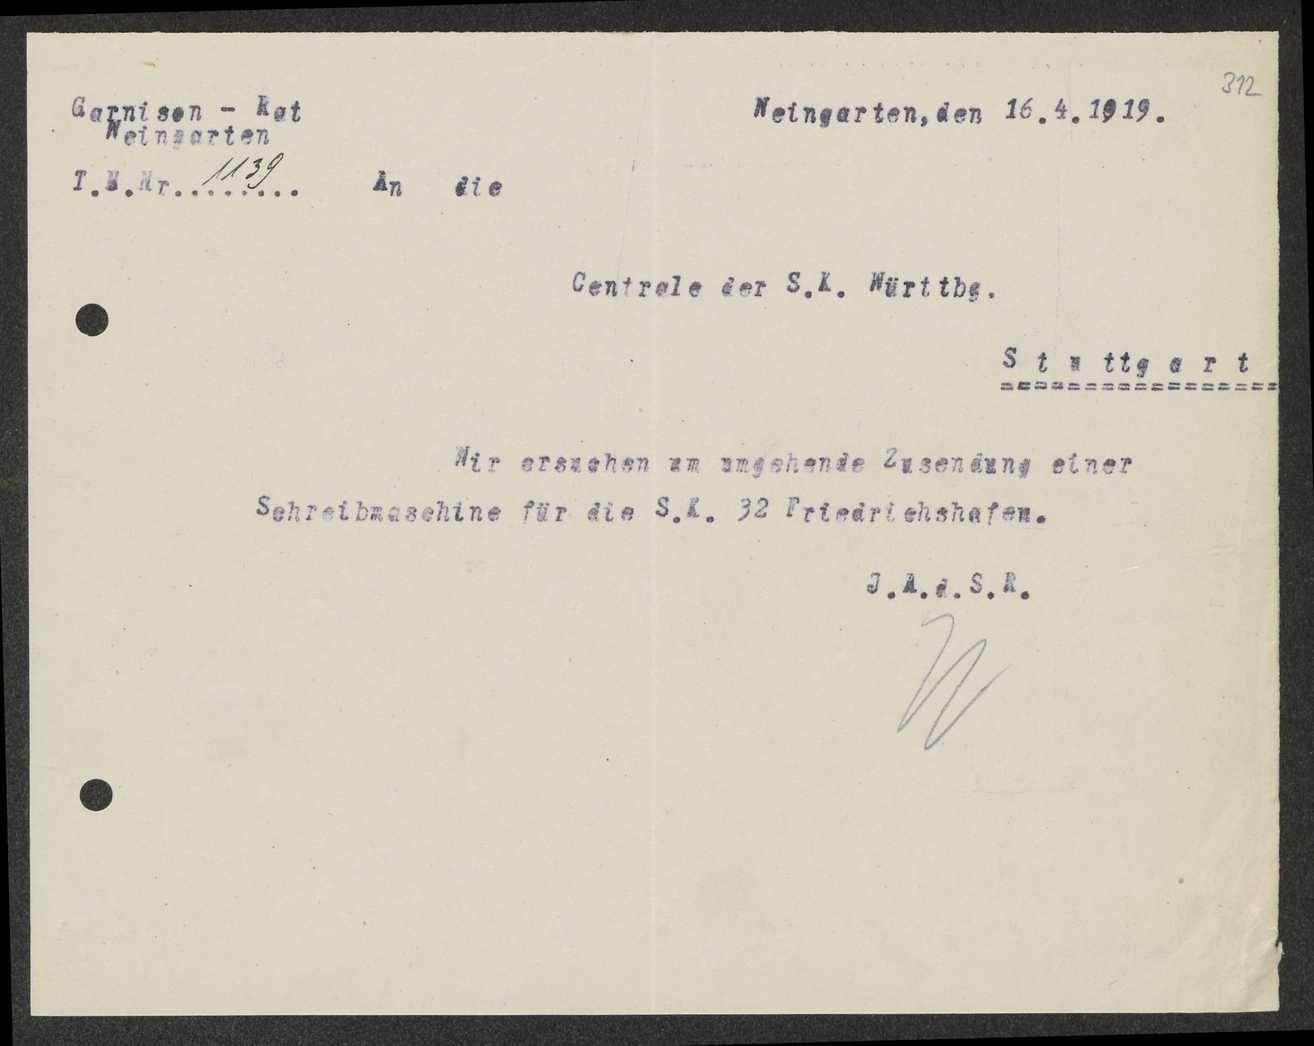 Nachweis, An- und Rückforderung, Abgabe von Schreibmaschinen durch den Garnisonrat, Bild 2